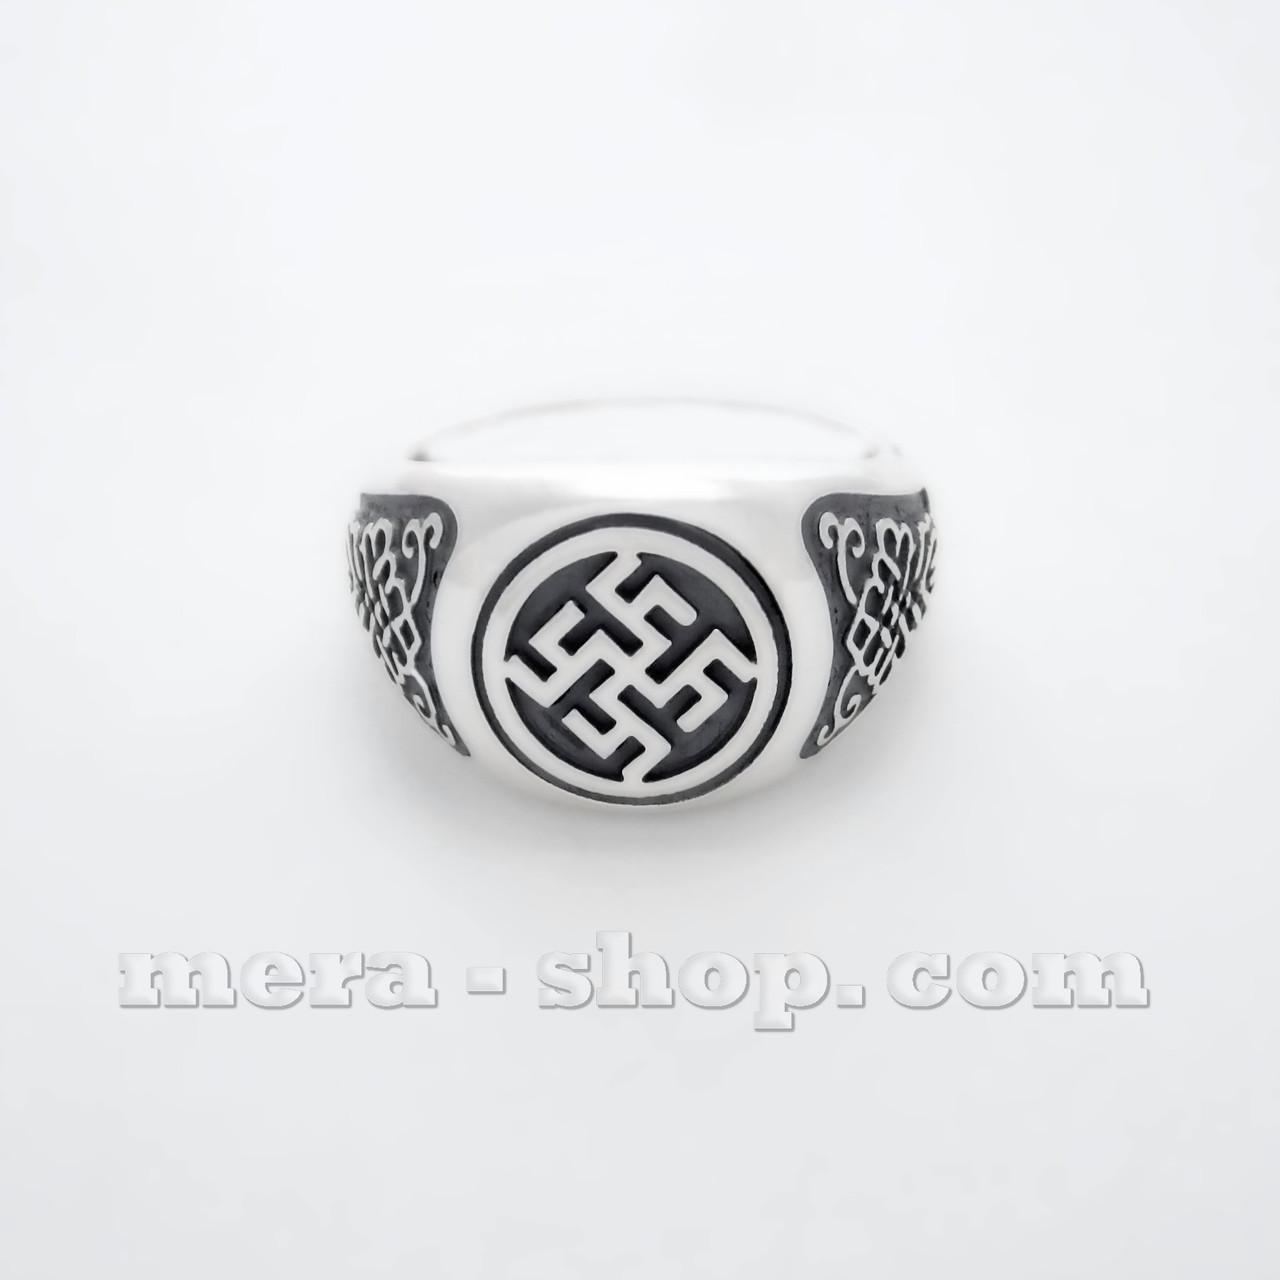 Перунов Цвет перстень из серебра 925 пробы